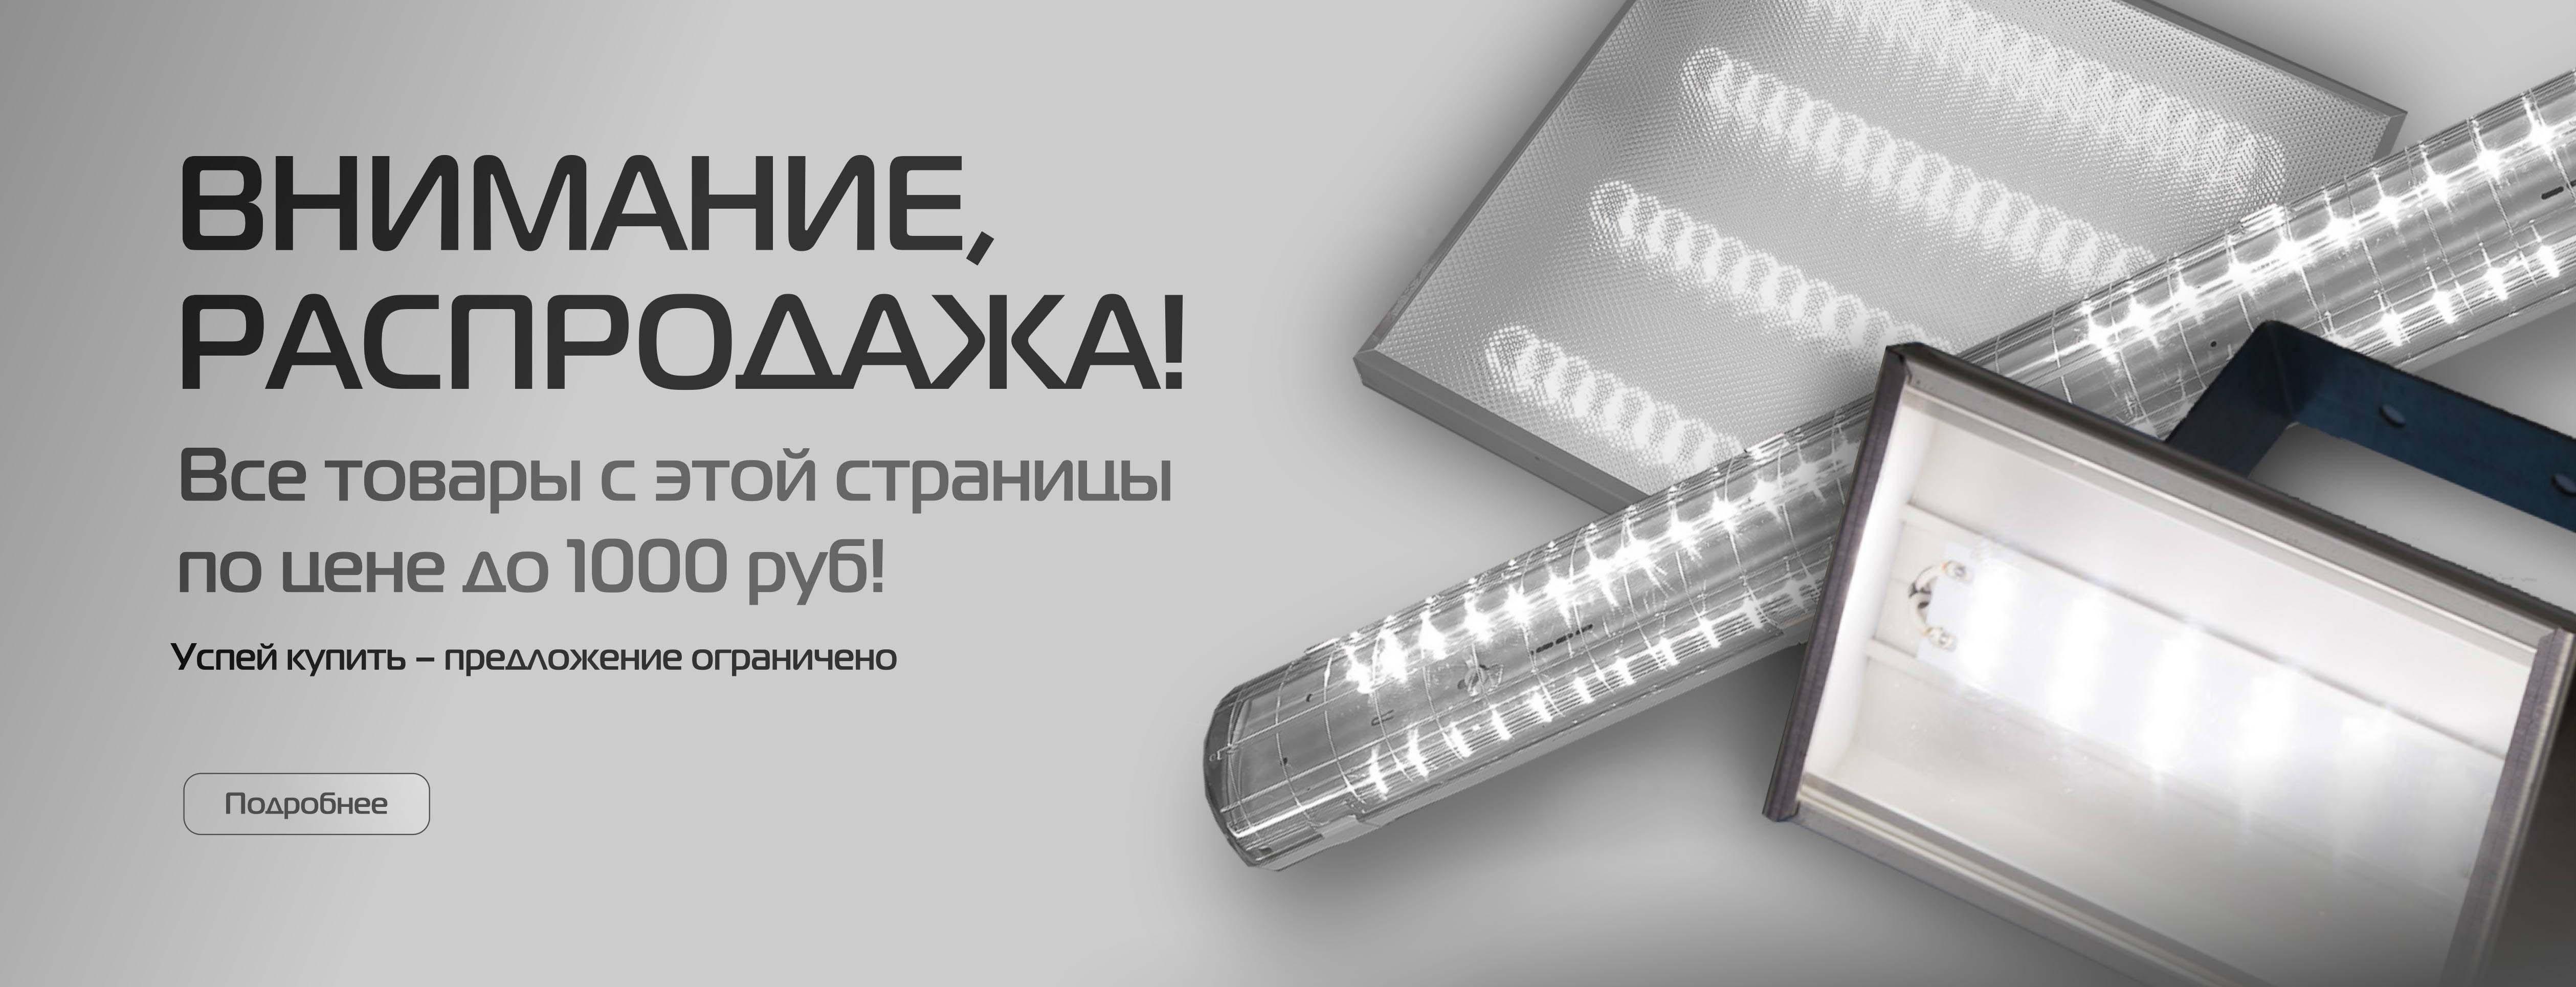 svetilniki_rasprodaza